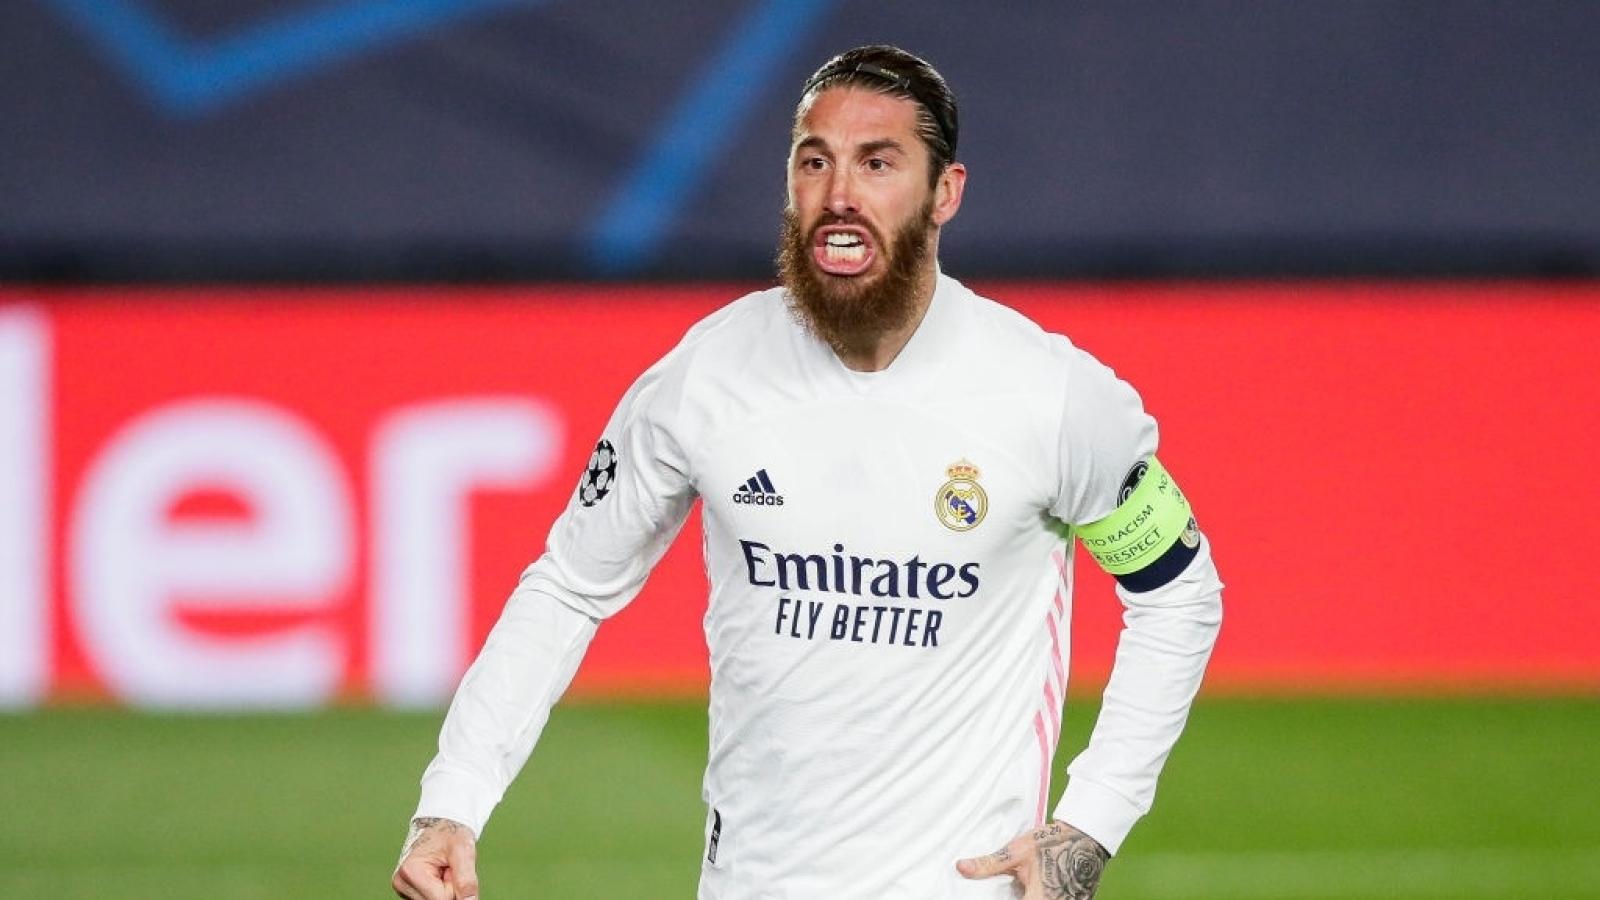 Không đồng ý giảm lương, Ramos trên đường rời Real Madrid